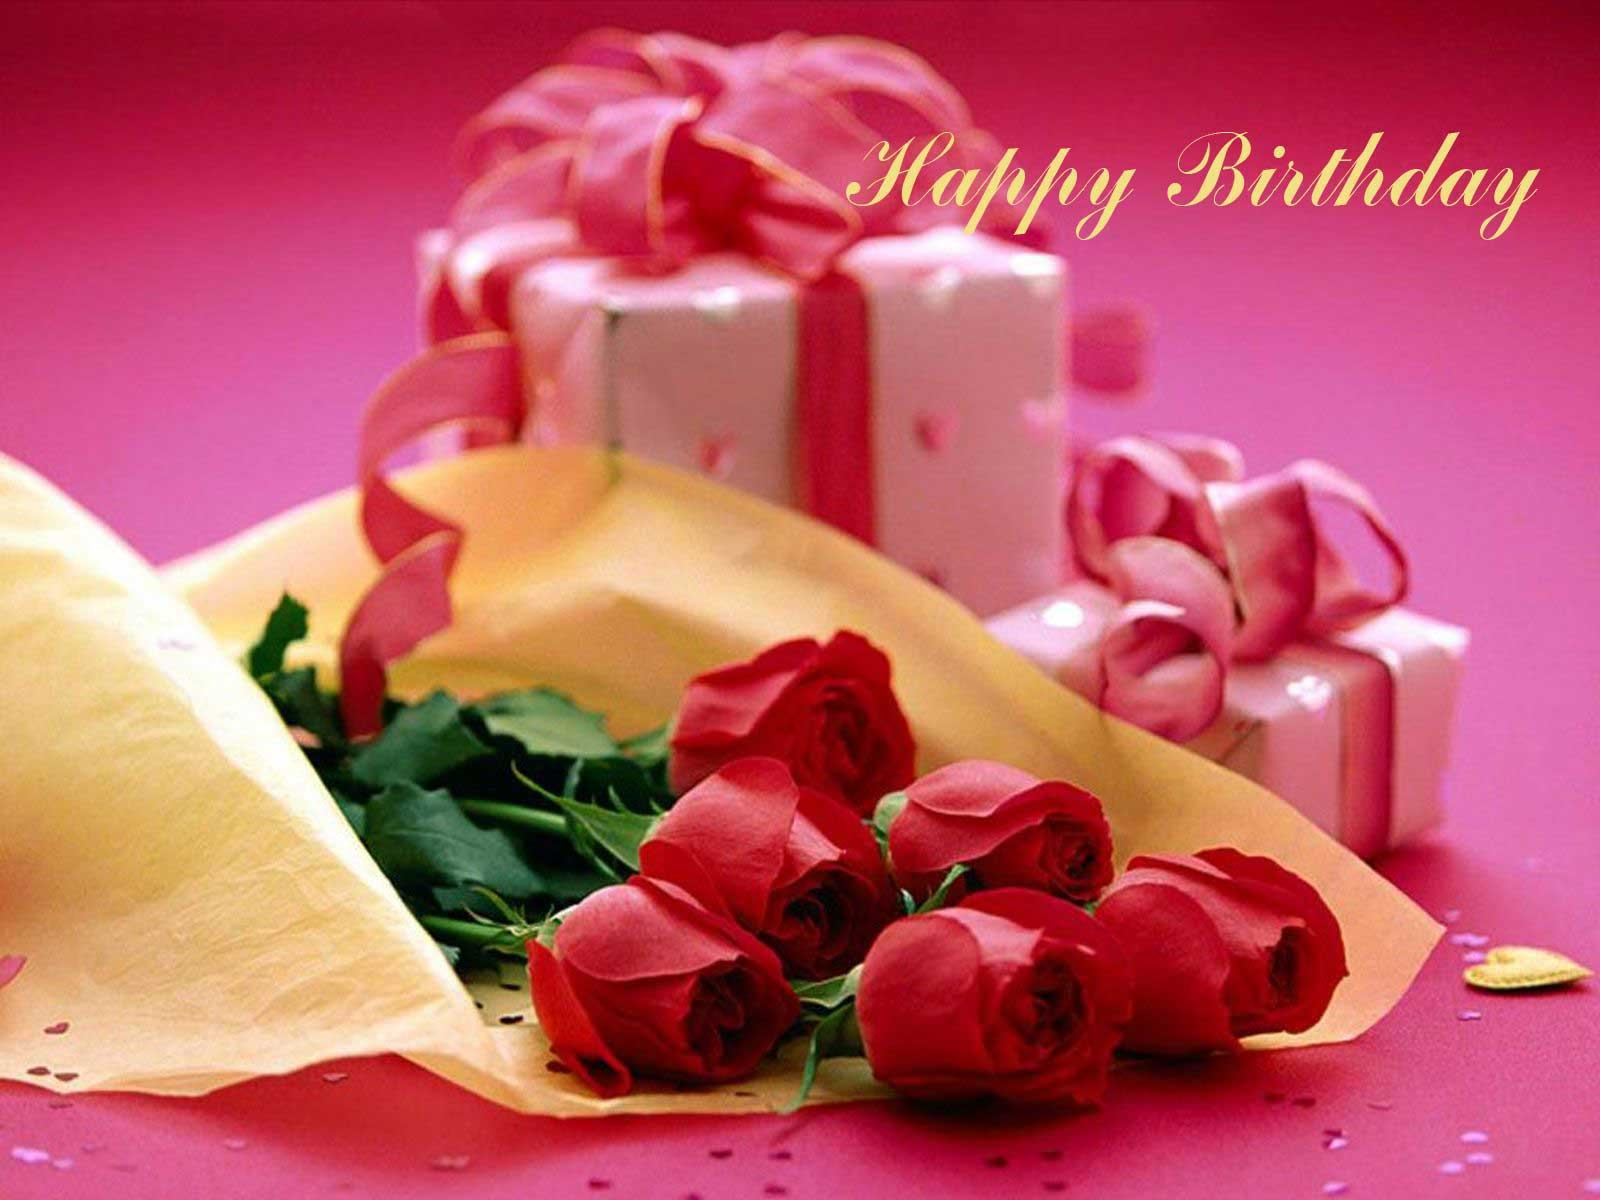 Открытки happy birthday женщине красивые английские с цветами 18